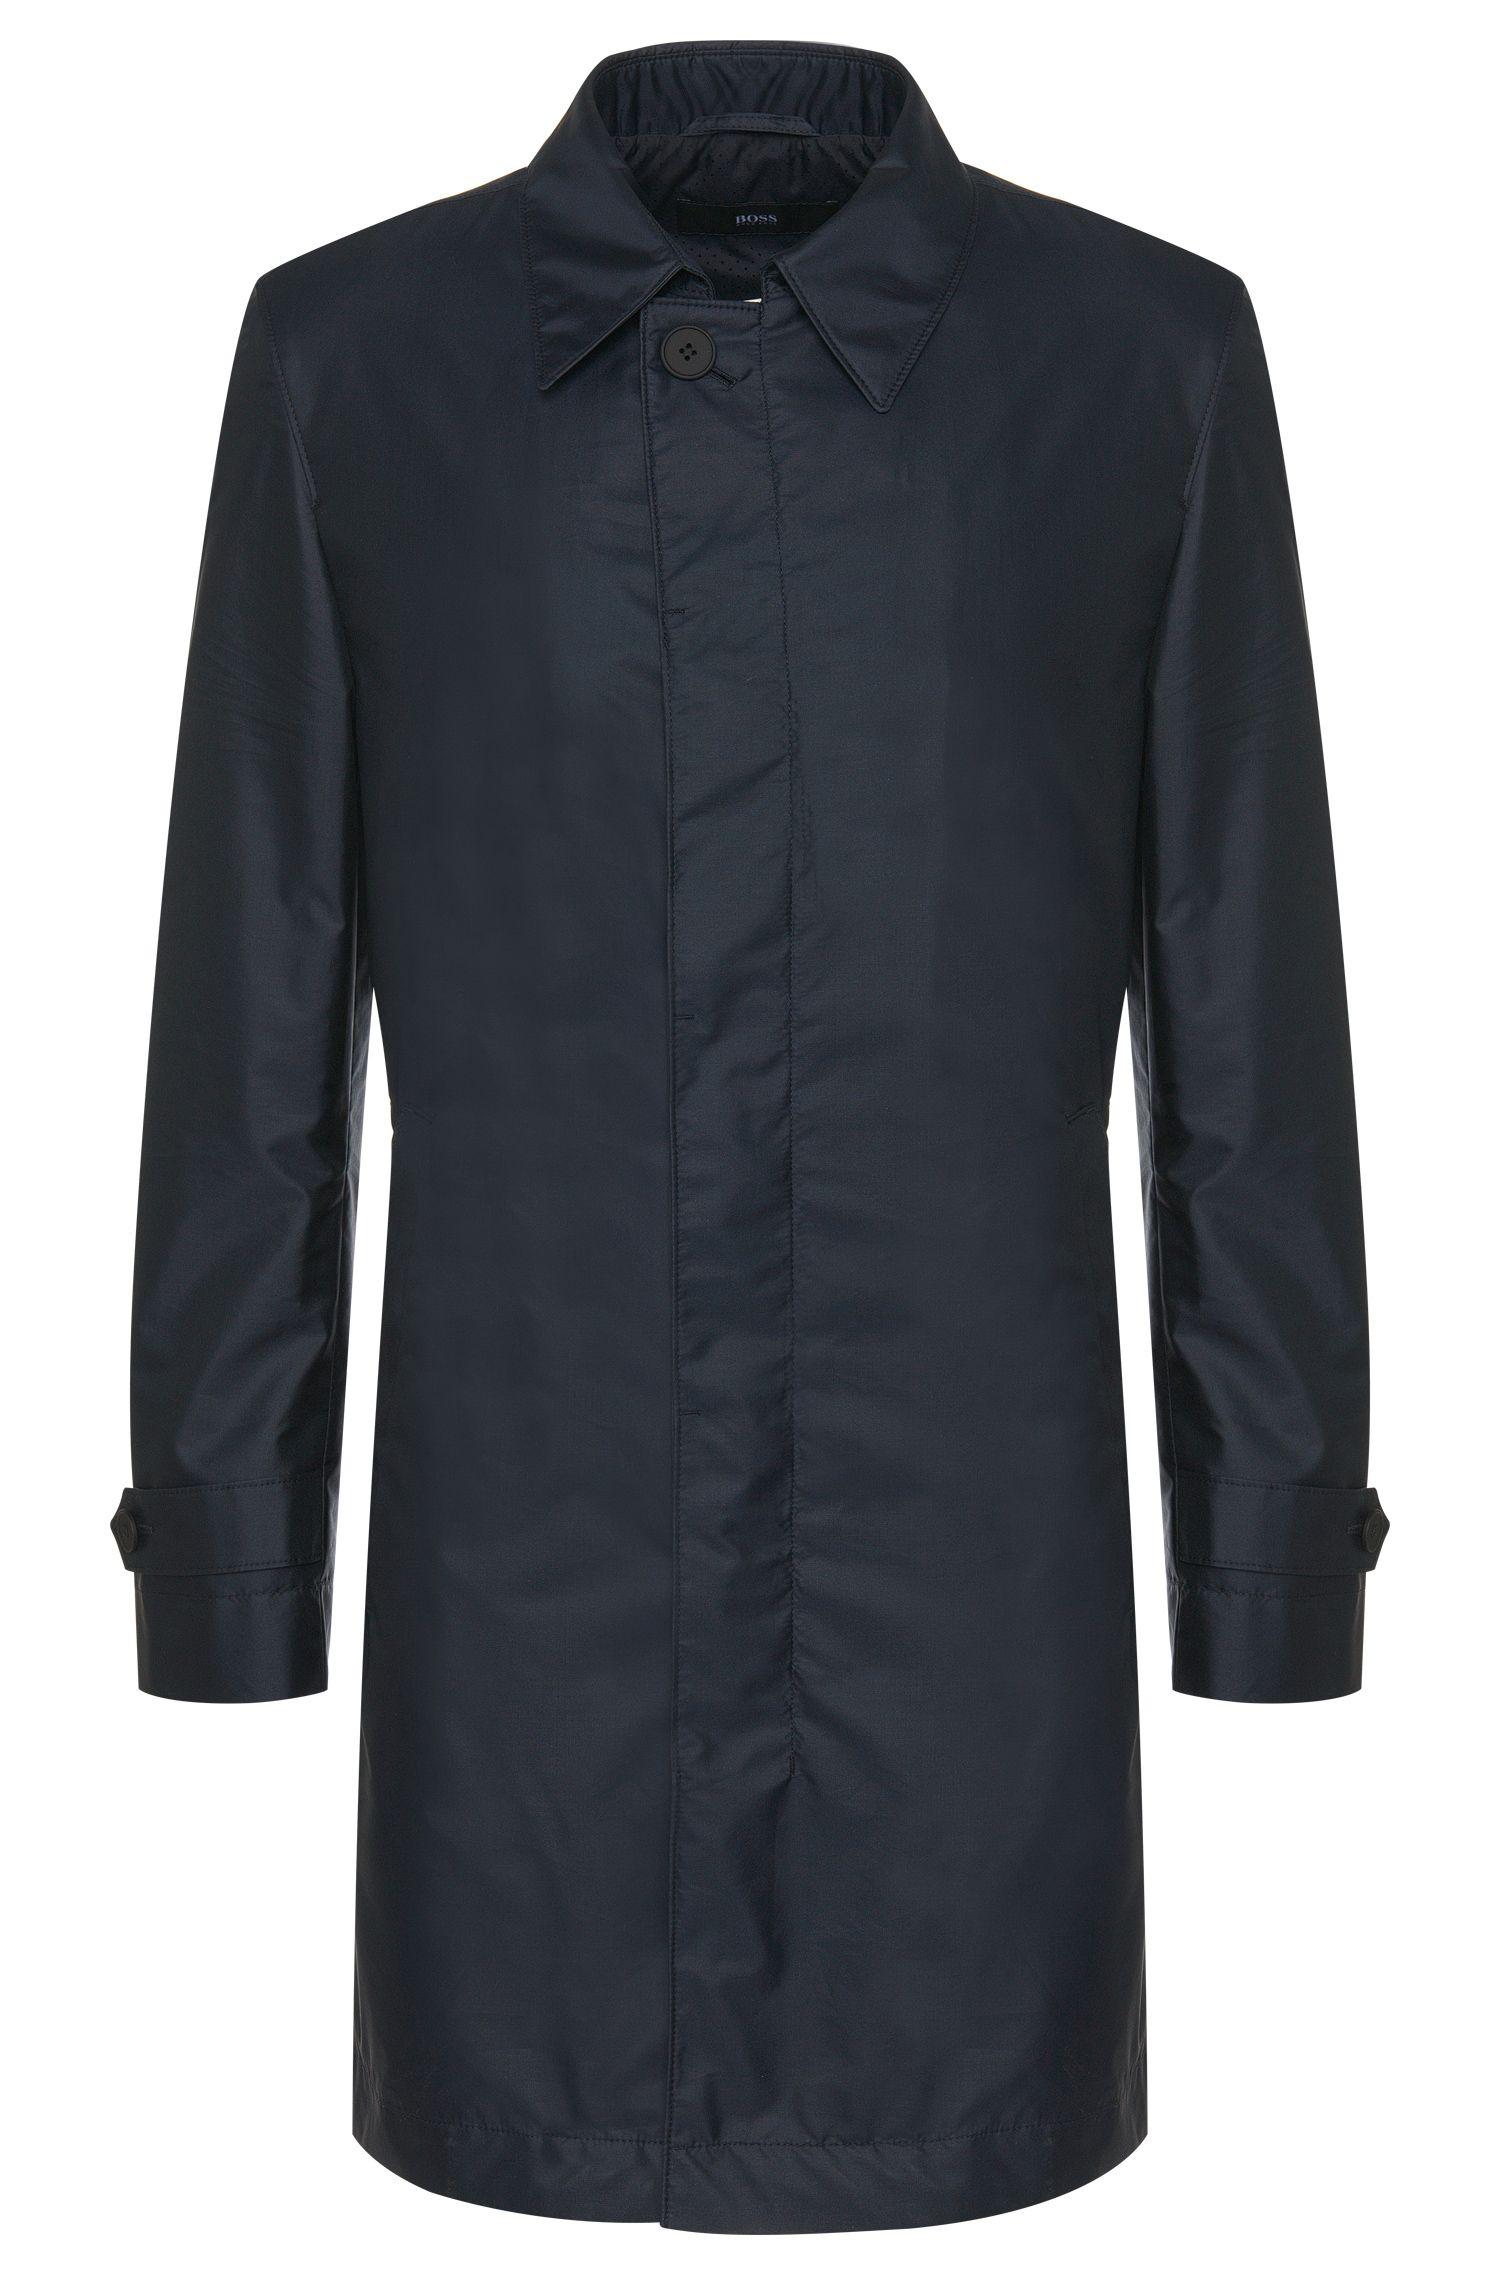 Mantel aus wasserabweisendendem Gewebe mit Seide: 'Garret1'